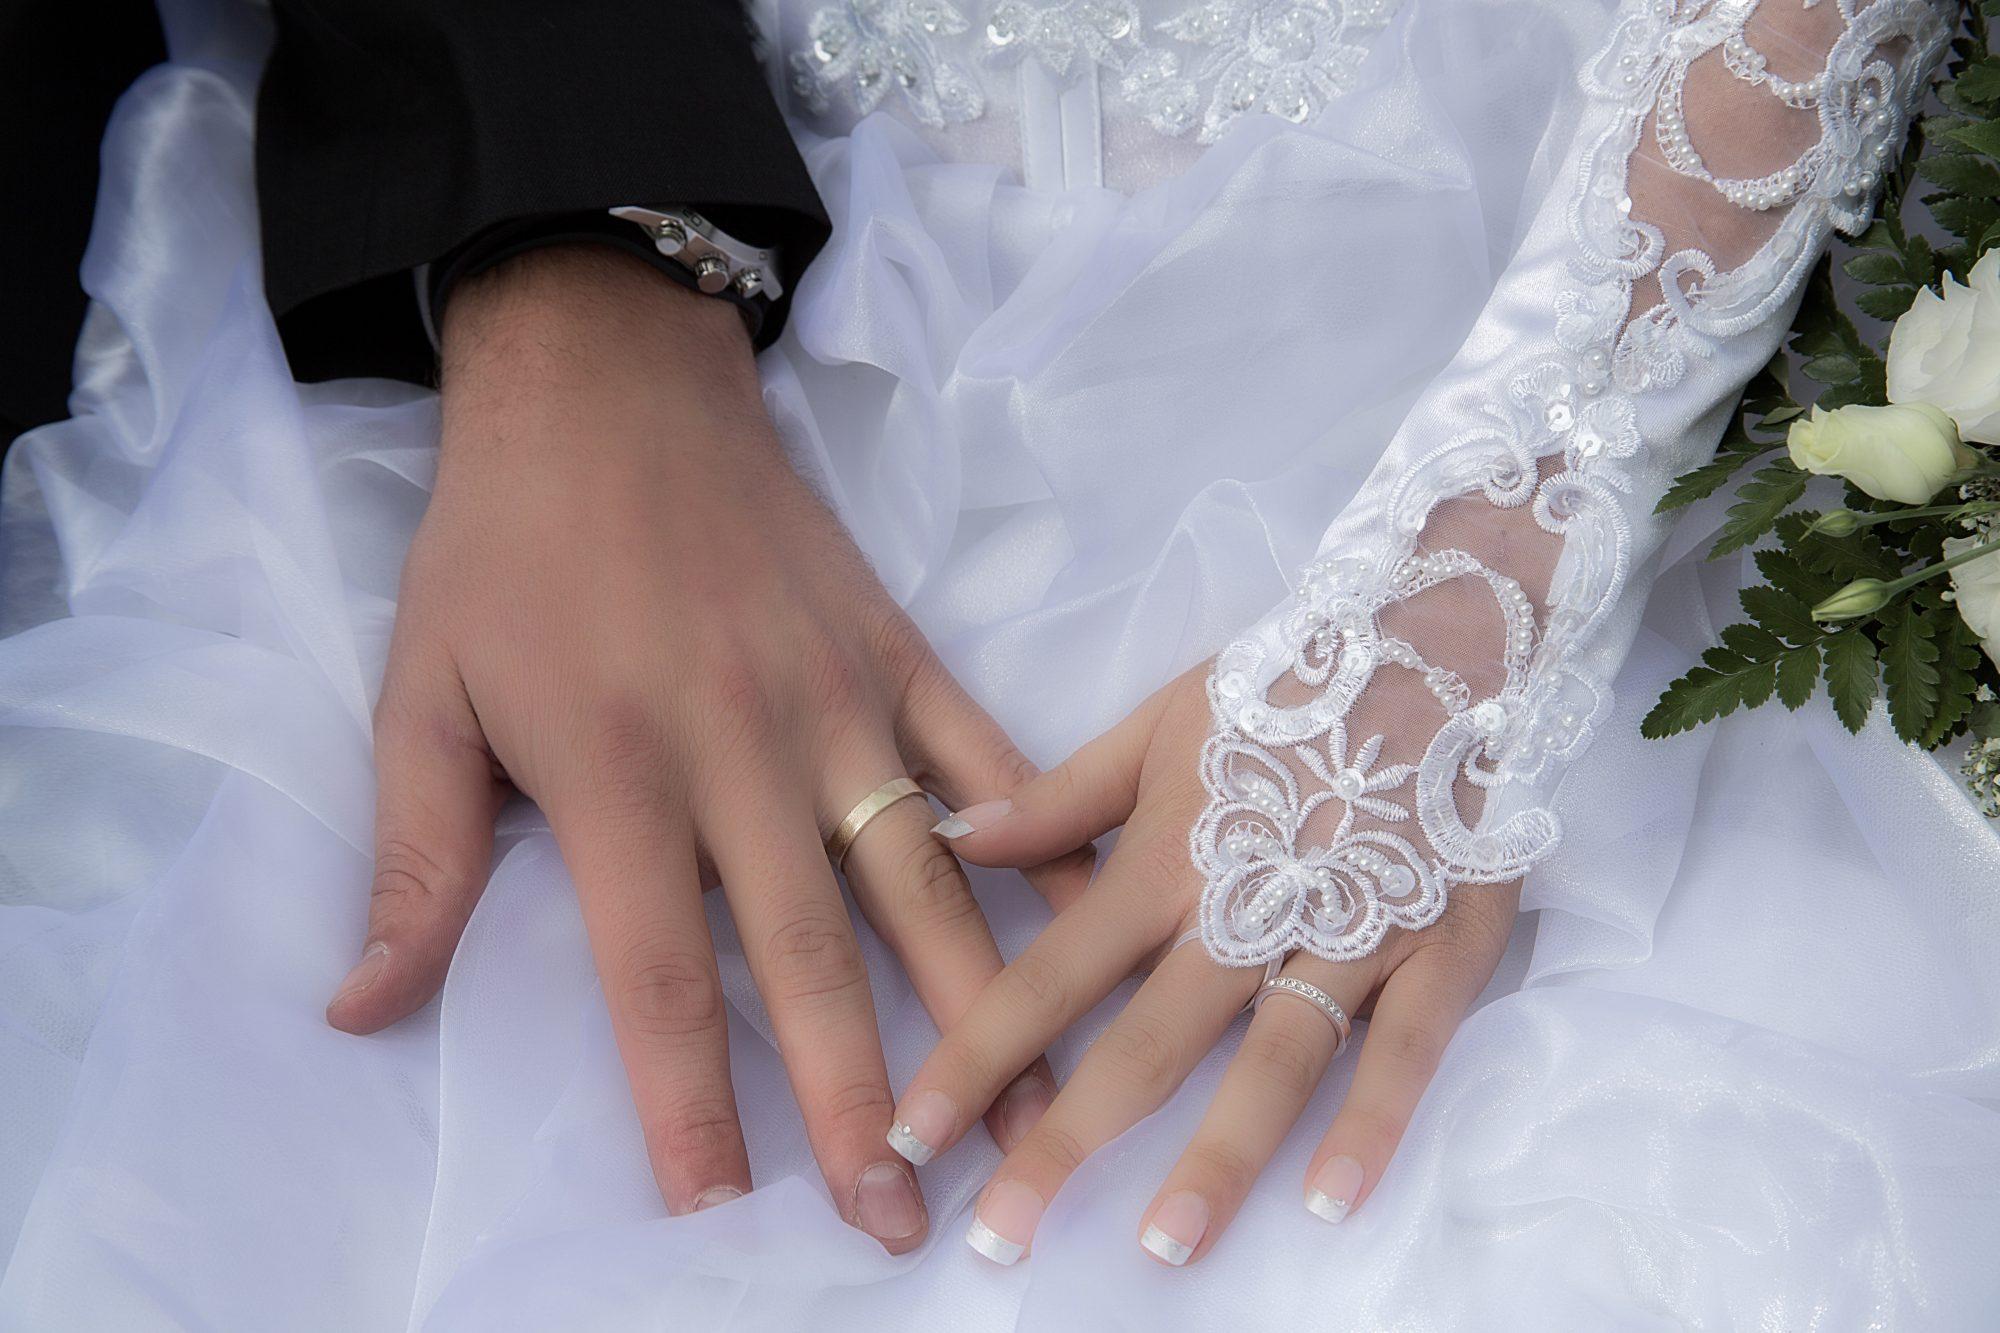 「成婚率」とは!?結婚相談所選びのポイント!これ大事!【後編】